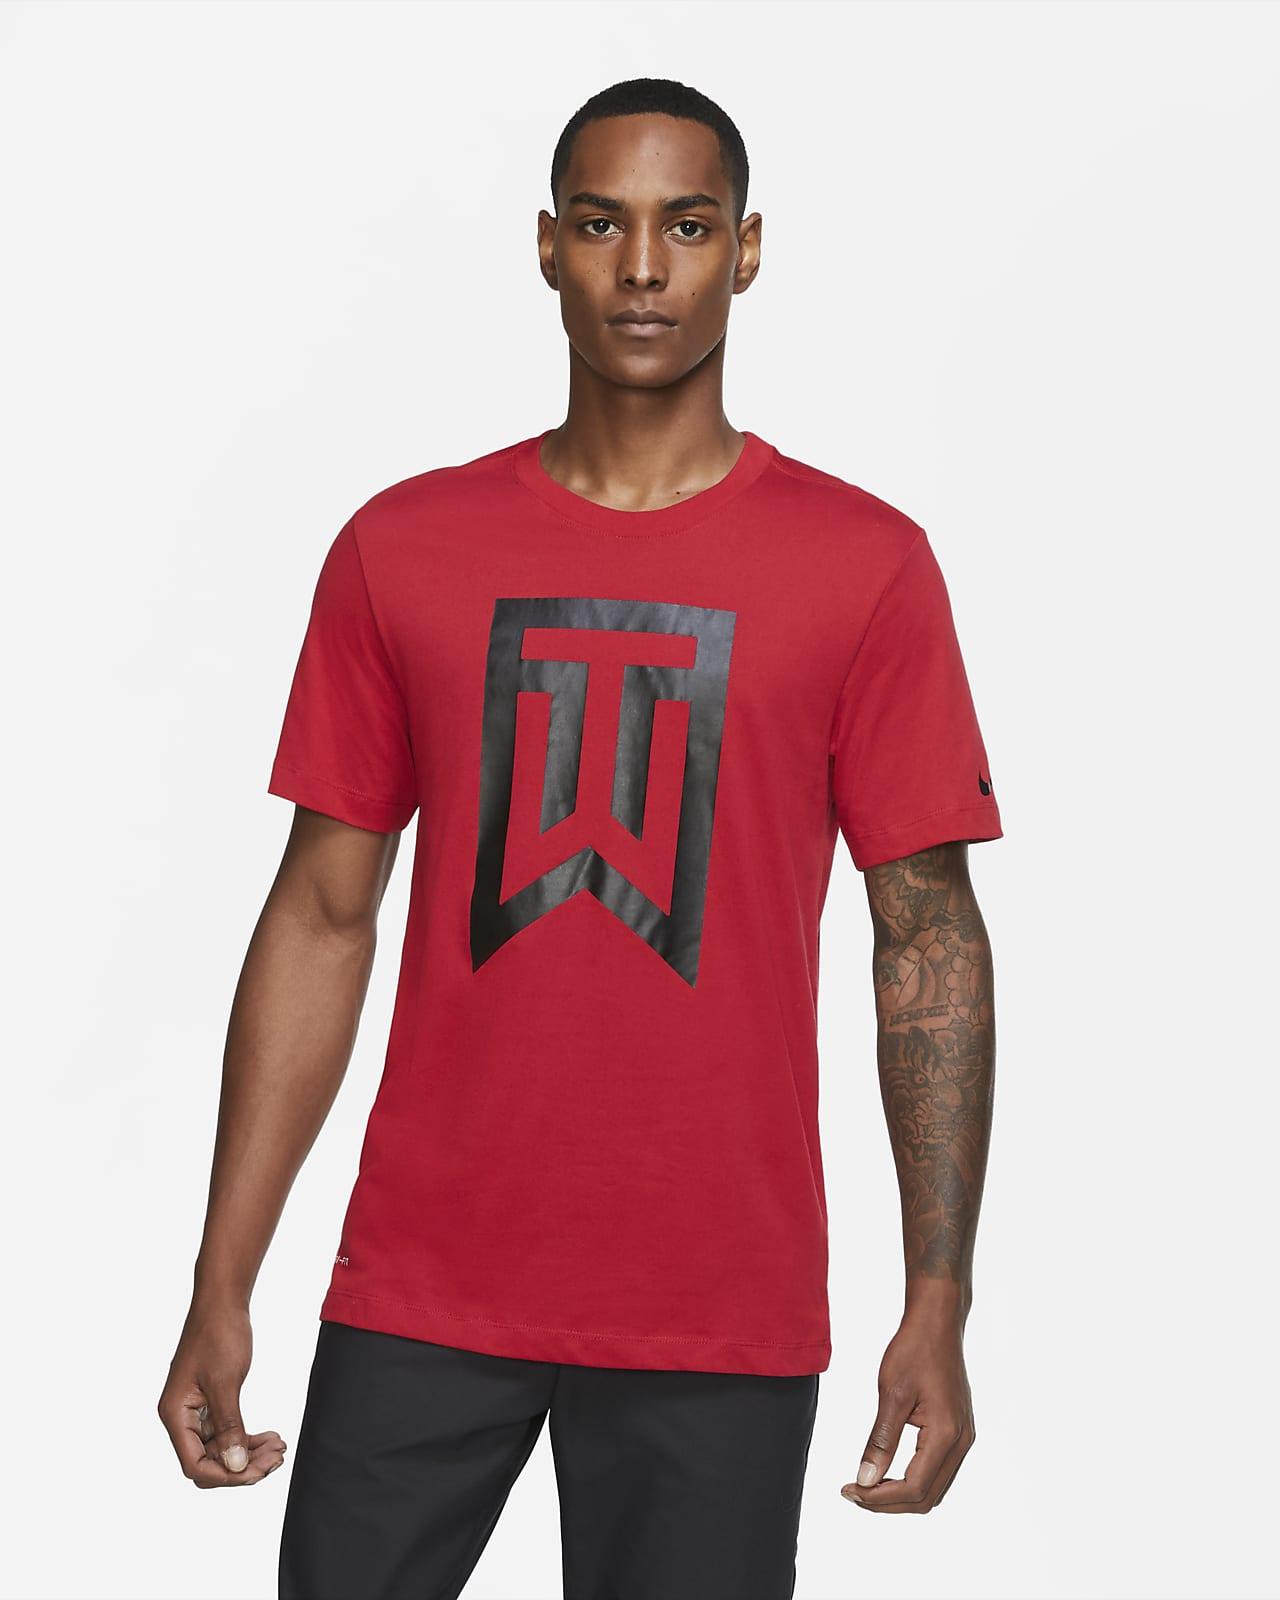 T-shirt da golf con logo Tiger Woods - Uomo